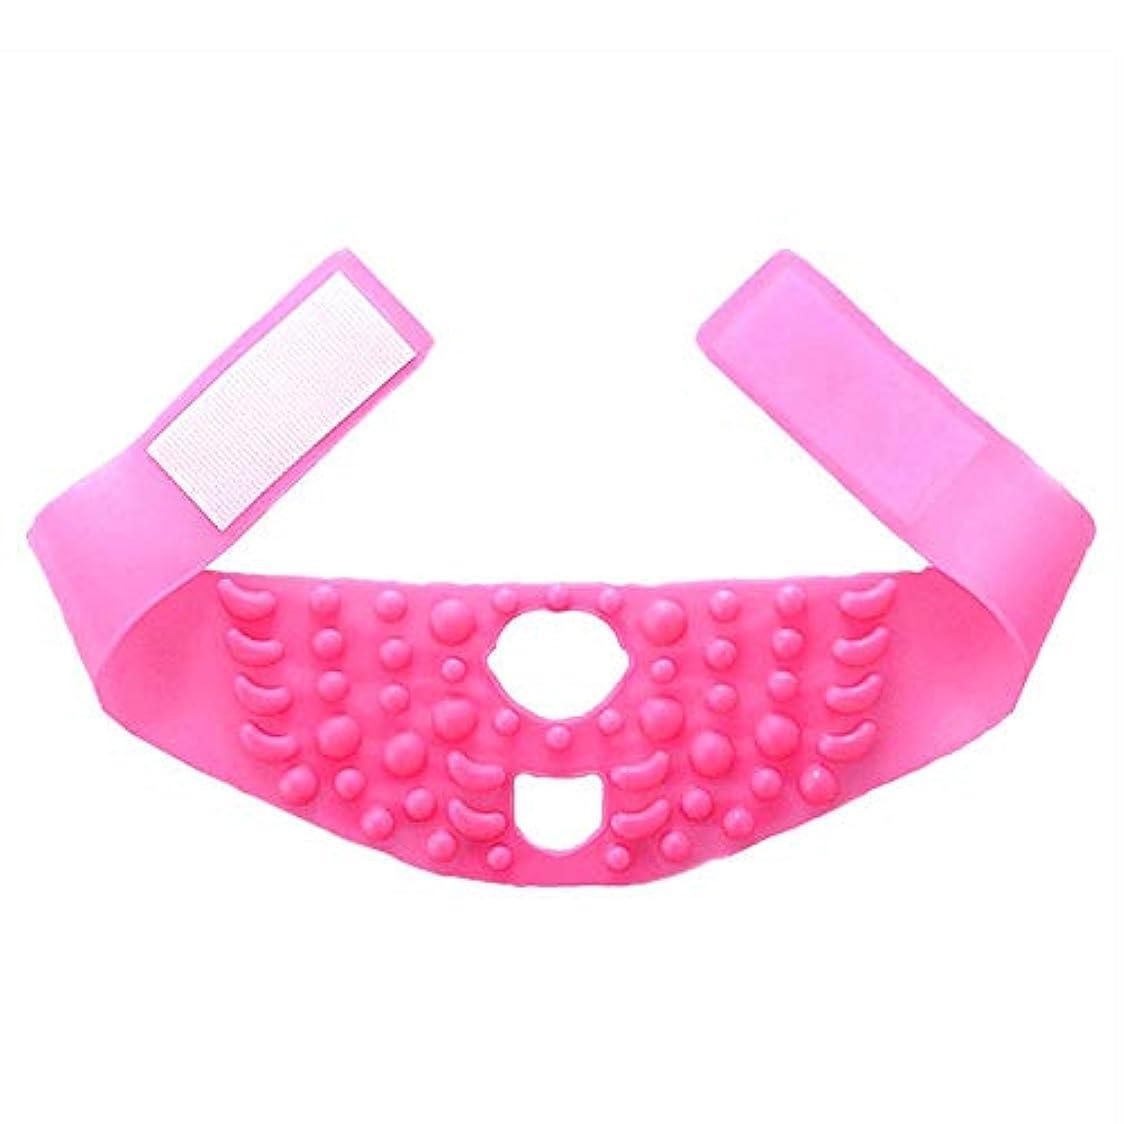 透明に前進ピンクJia Jia- シンフェイスマスクシリコーンマッサージ引き締まった形の小さなVフェイスリフティングに薄いフェイスアーティファクト包帯を飾る - ピンク 顔面包帯